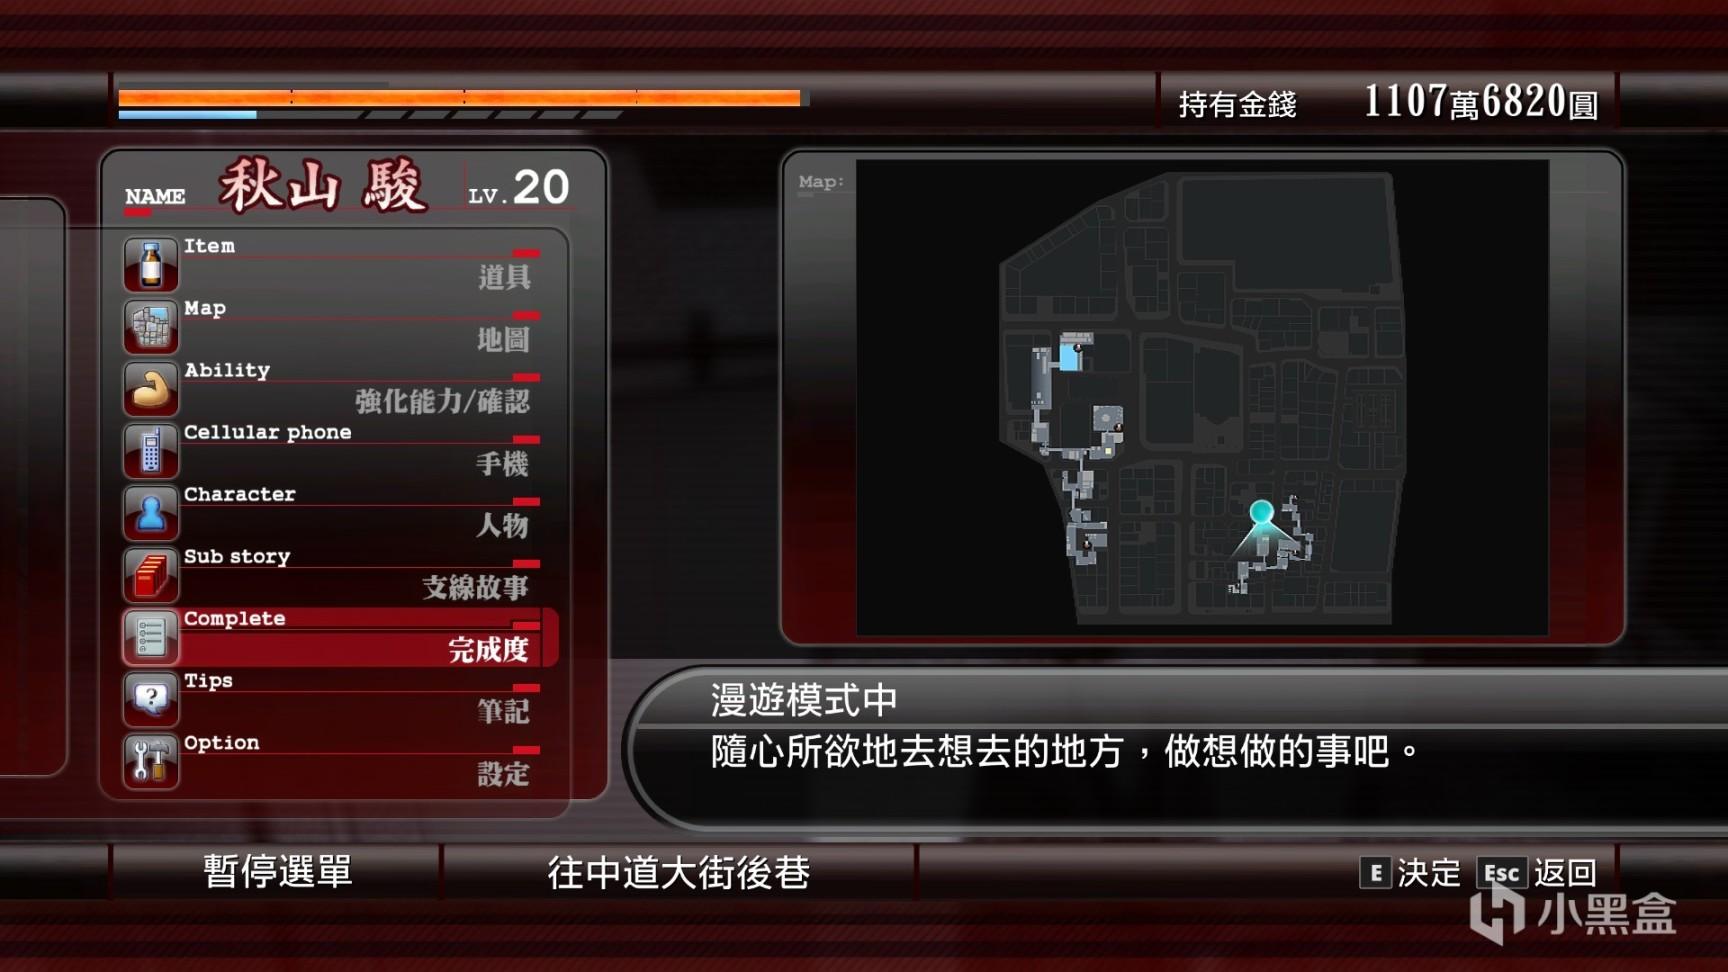 如龙(Yakuza)PC全系列(0~7)游戏介绍及游玩一览(中)插图27